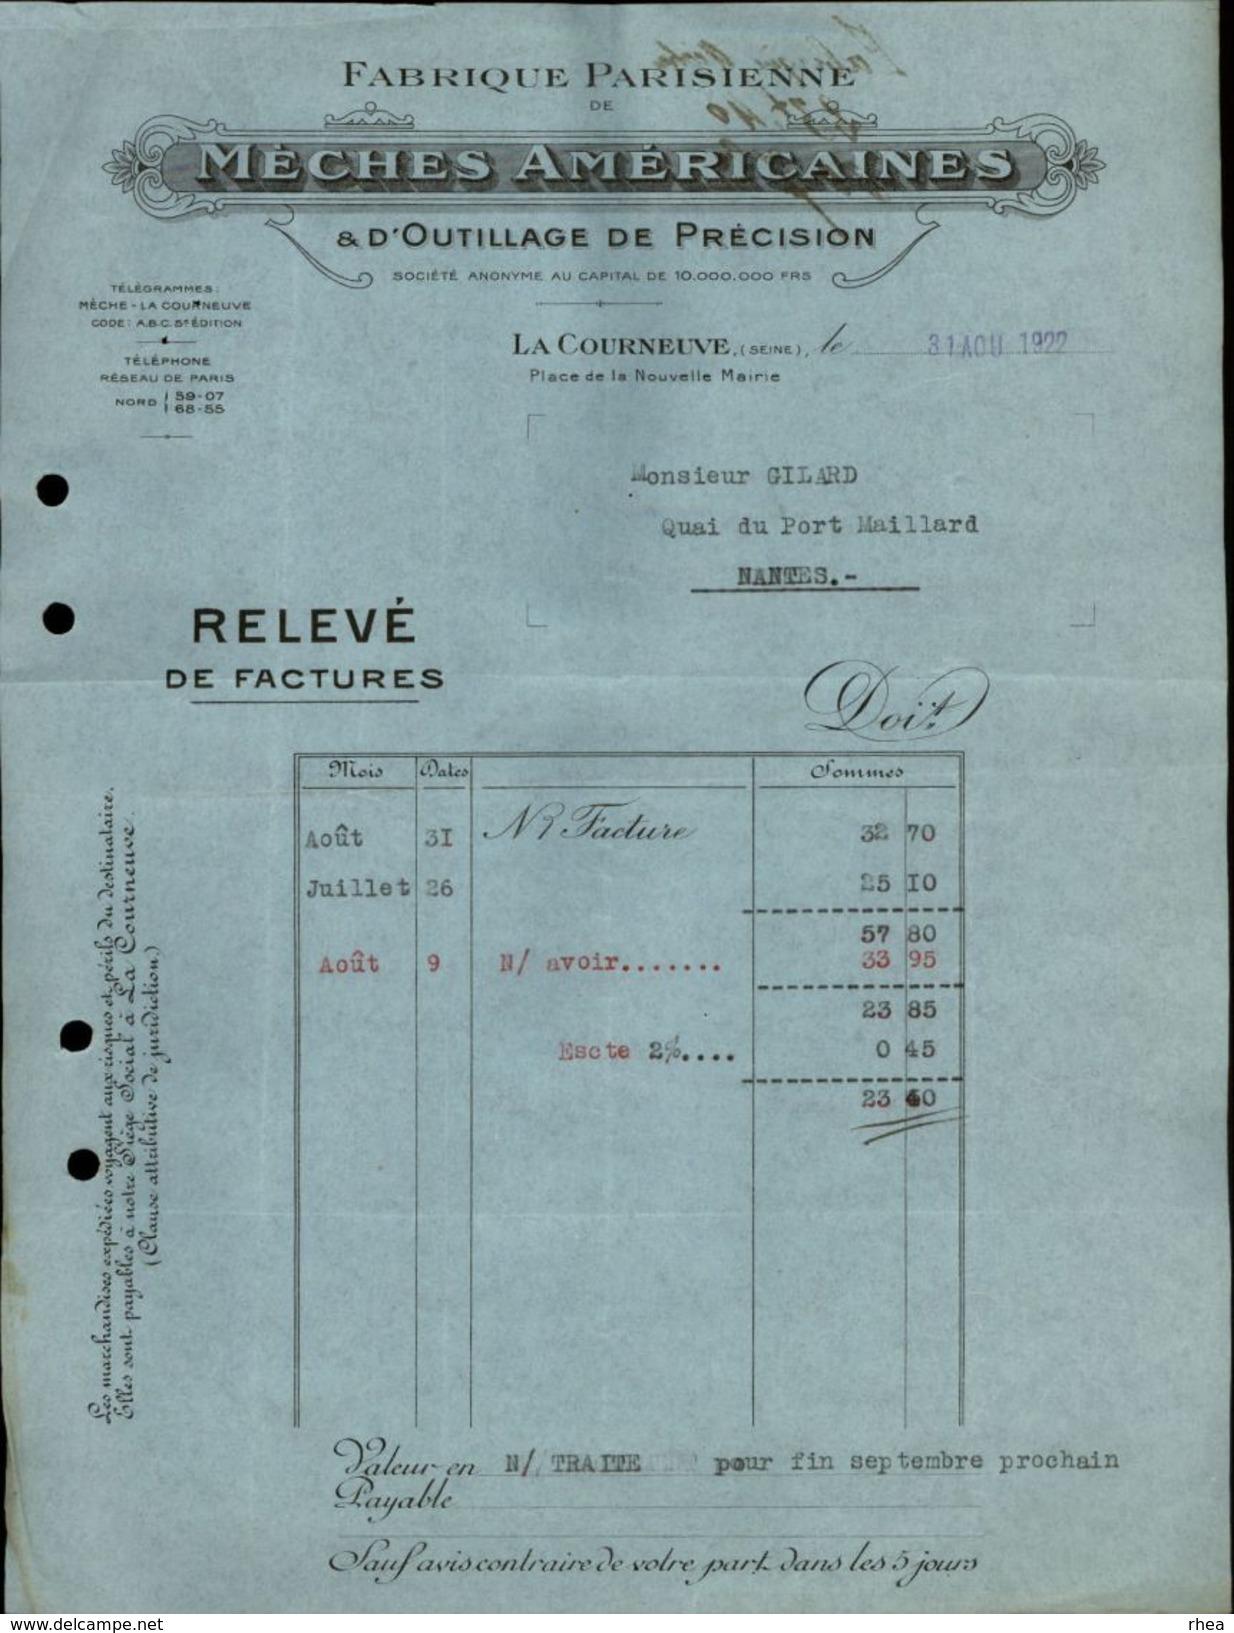 93 - LA COURNEUVE - FACTURE 1922 - Fabrique Parisienne De Mèches Américaines - Outillage - France